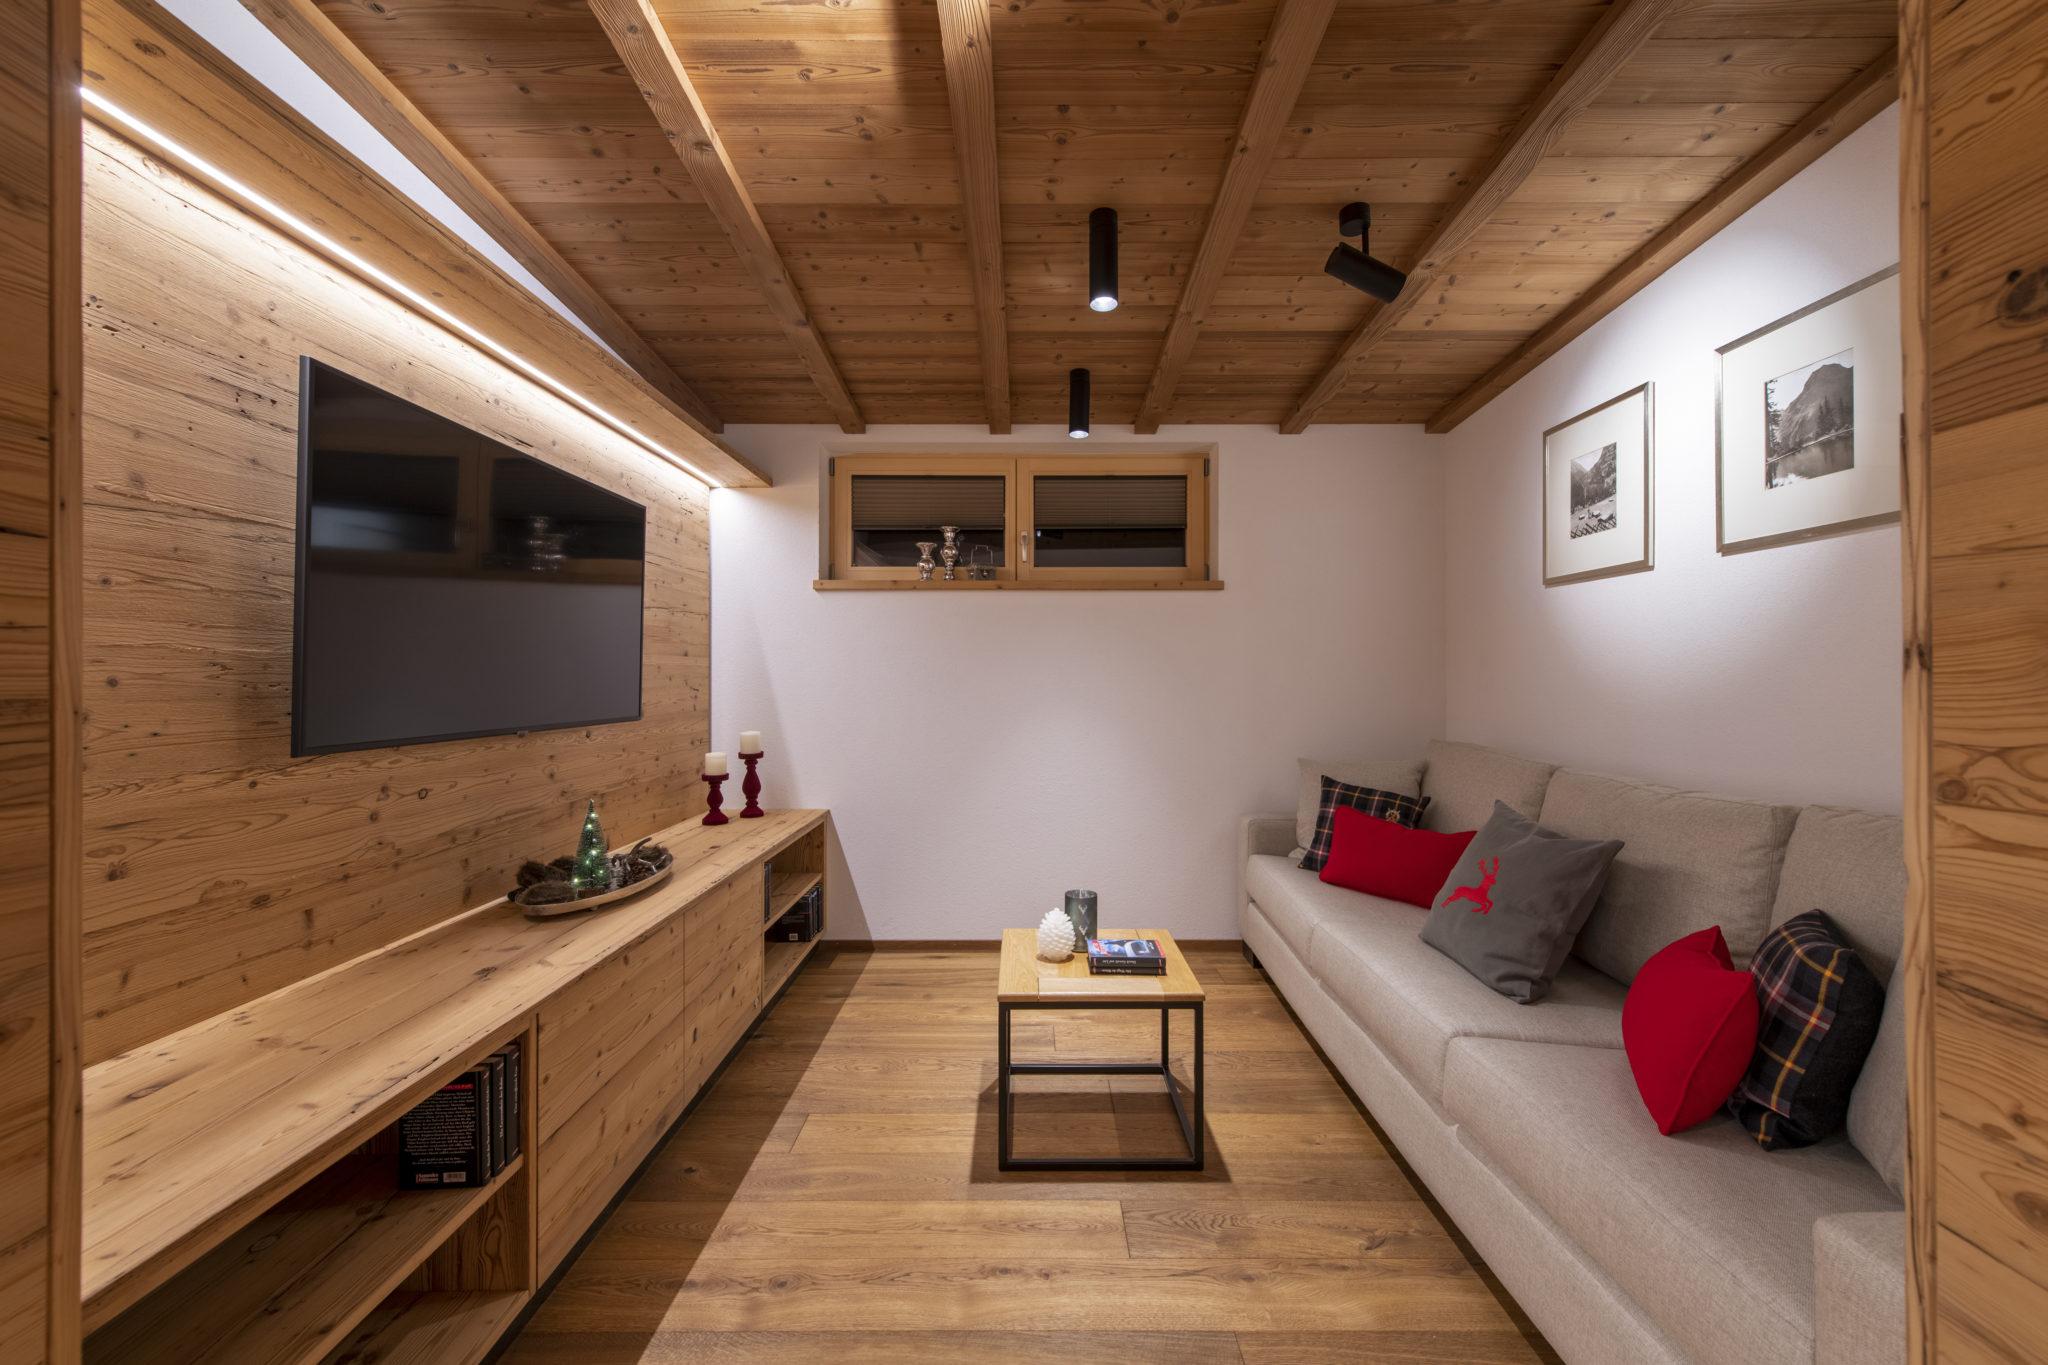 bhlhof-penthouse-11403-scaled